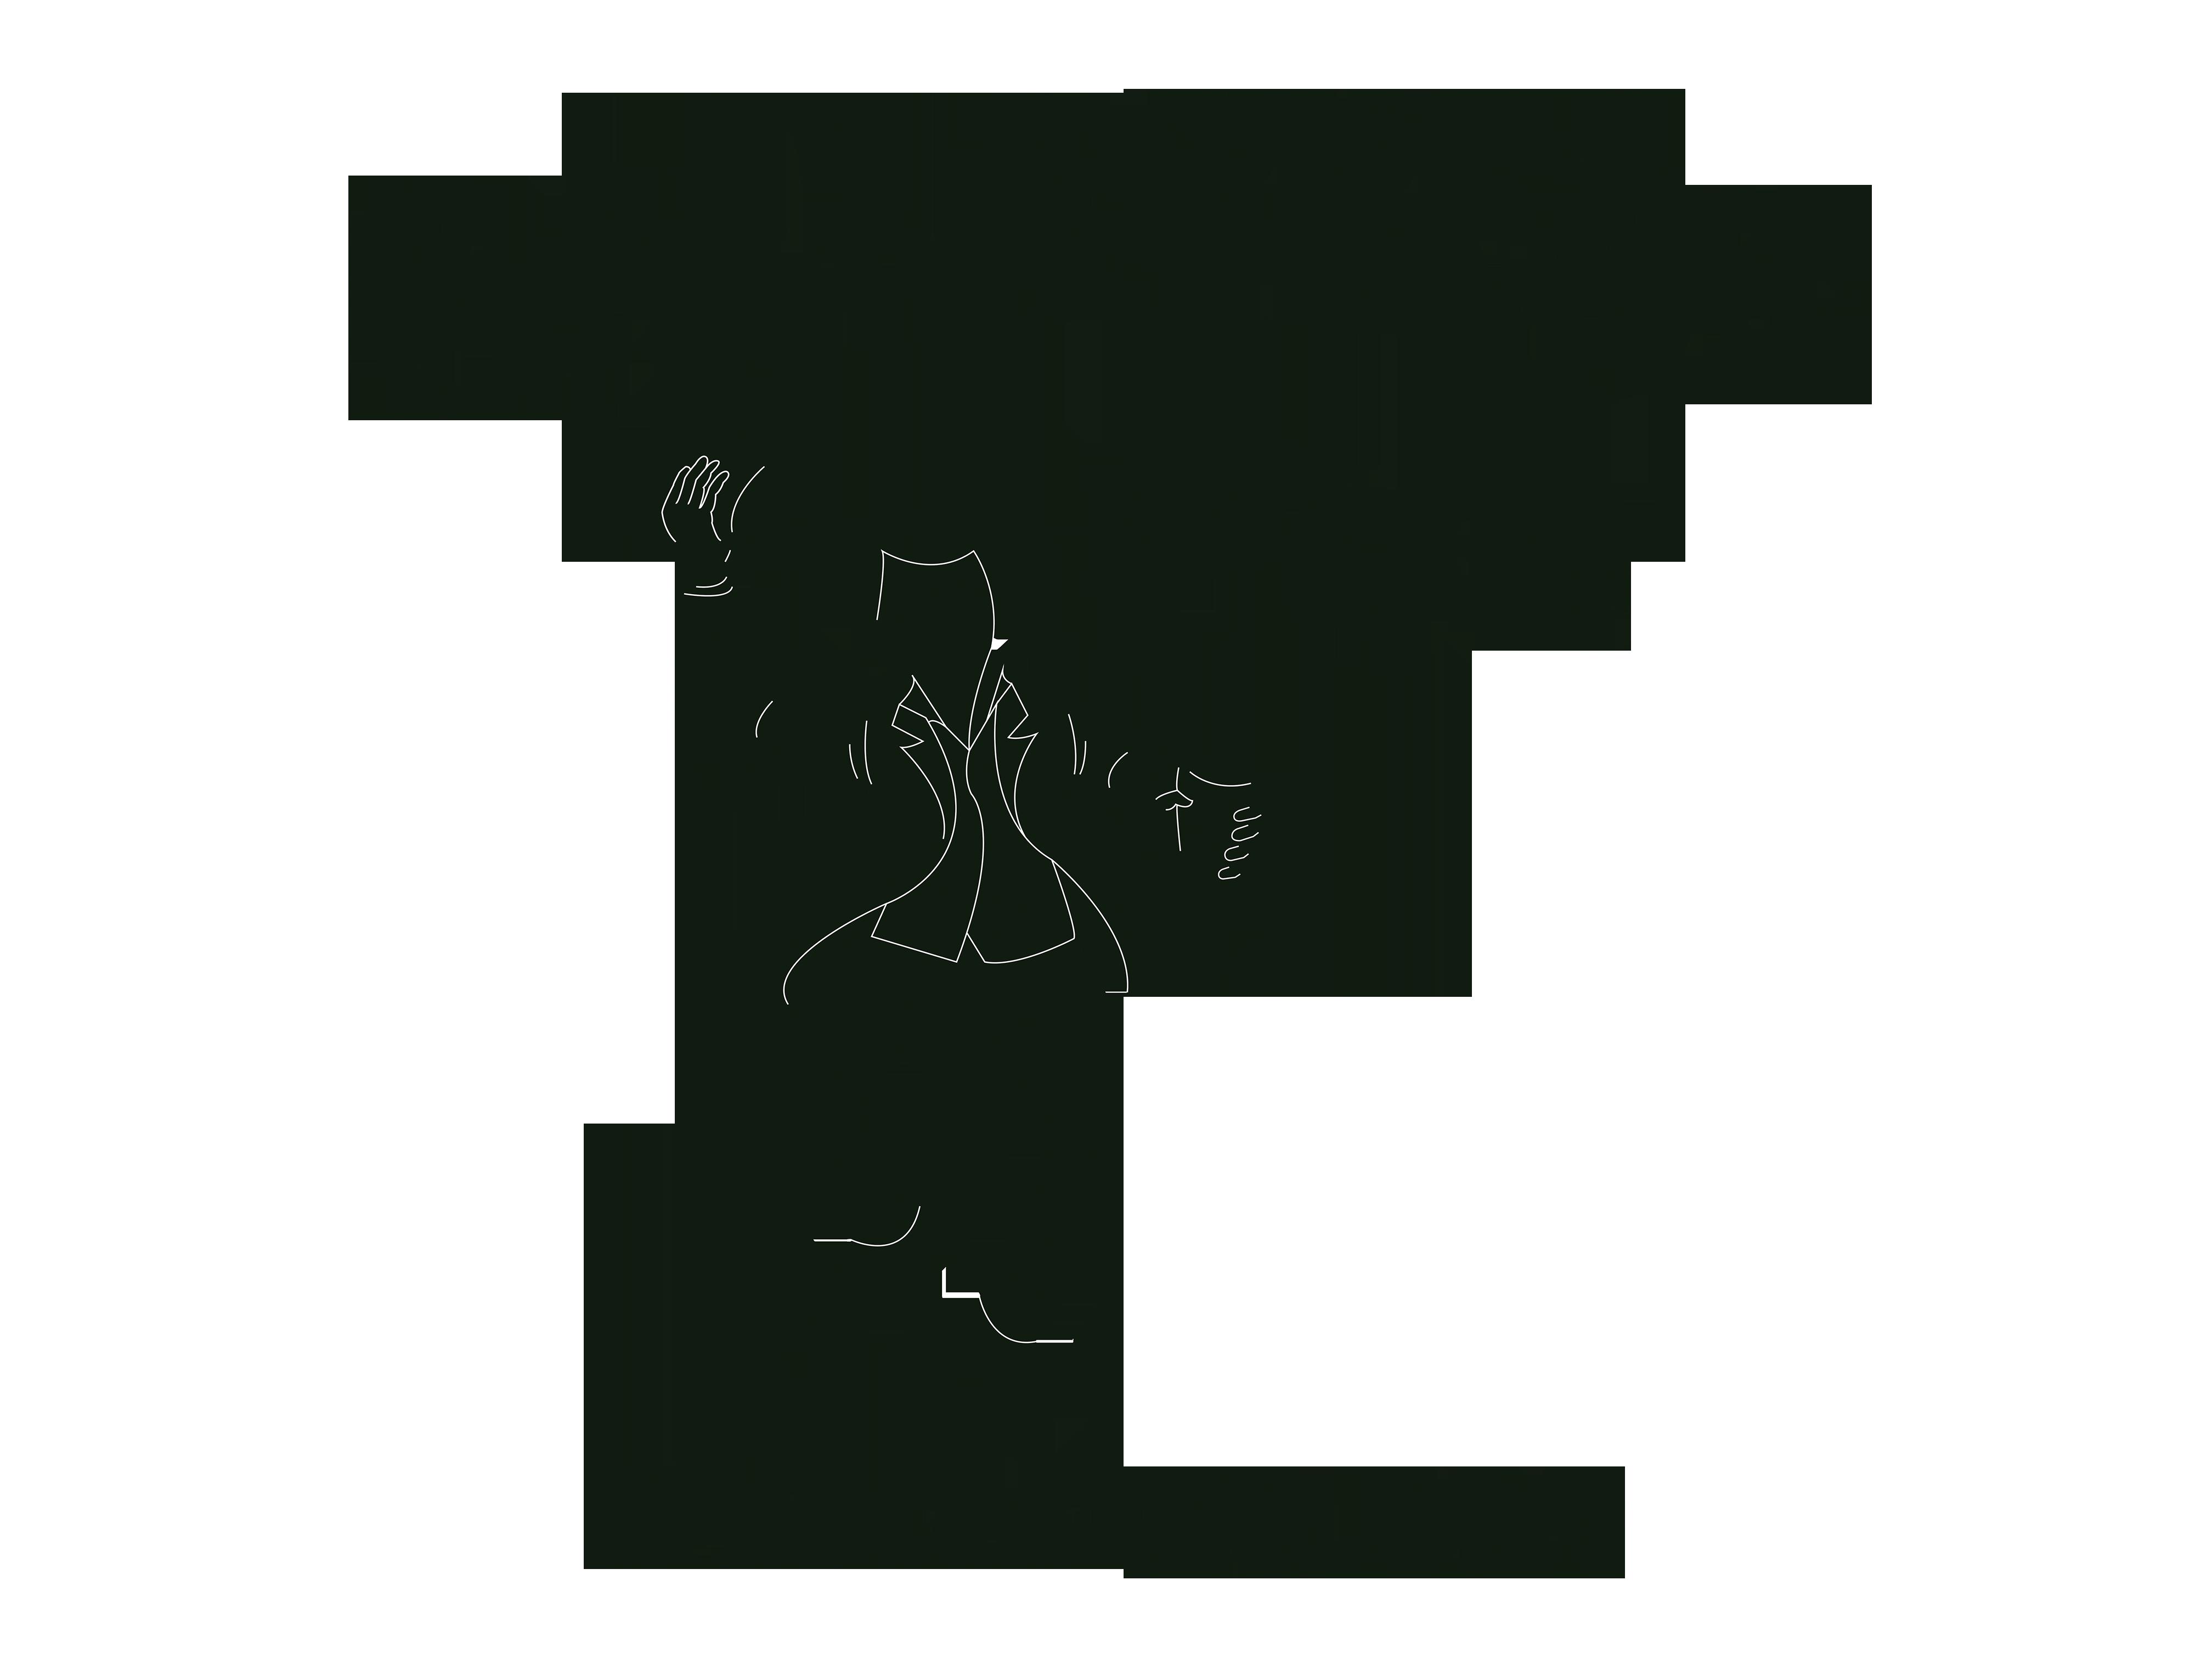 https://0901.nccdn.net/4_2/000/000/07e/96f/gallaghers-pub-worcester-silk-screen-proof.png